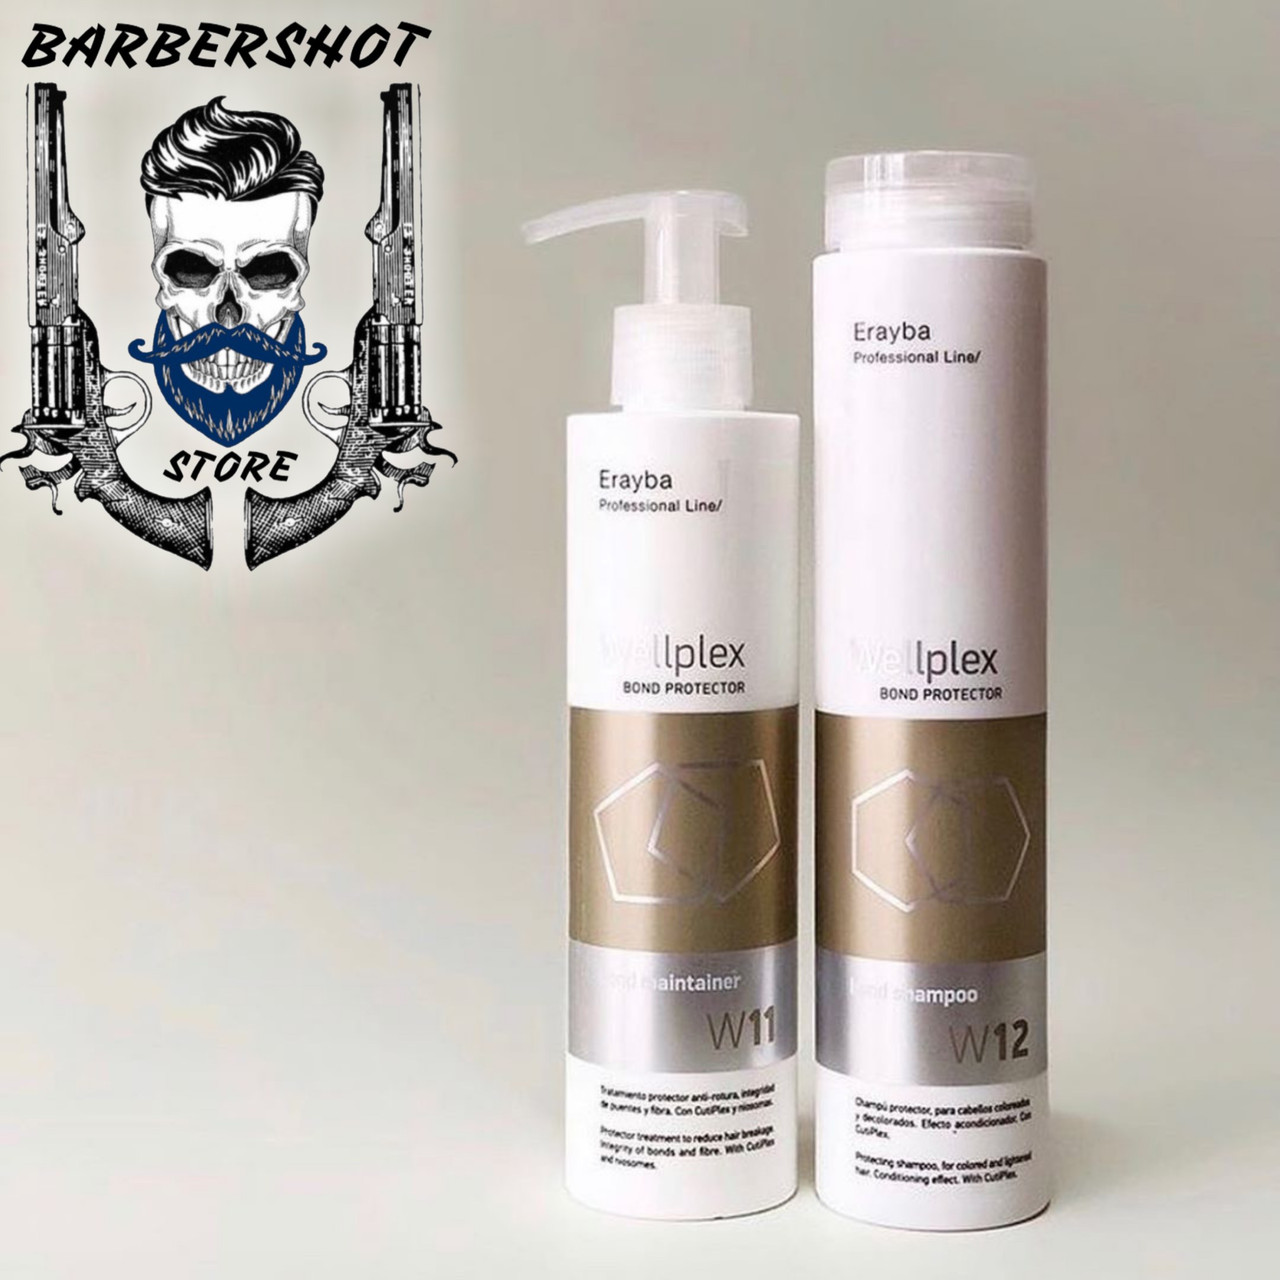 Средство для укрепления волос Erayba Wellplex W11 Bond Mainteiner 200 мл